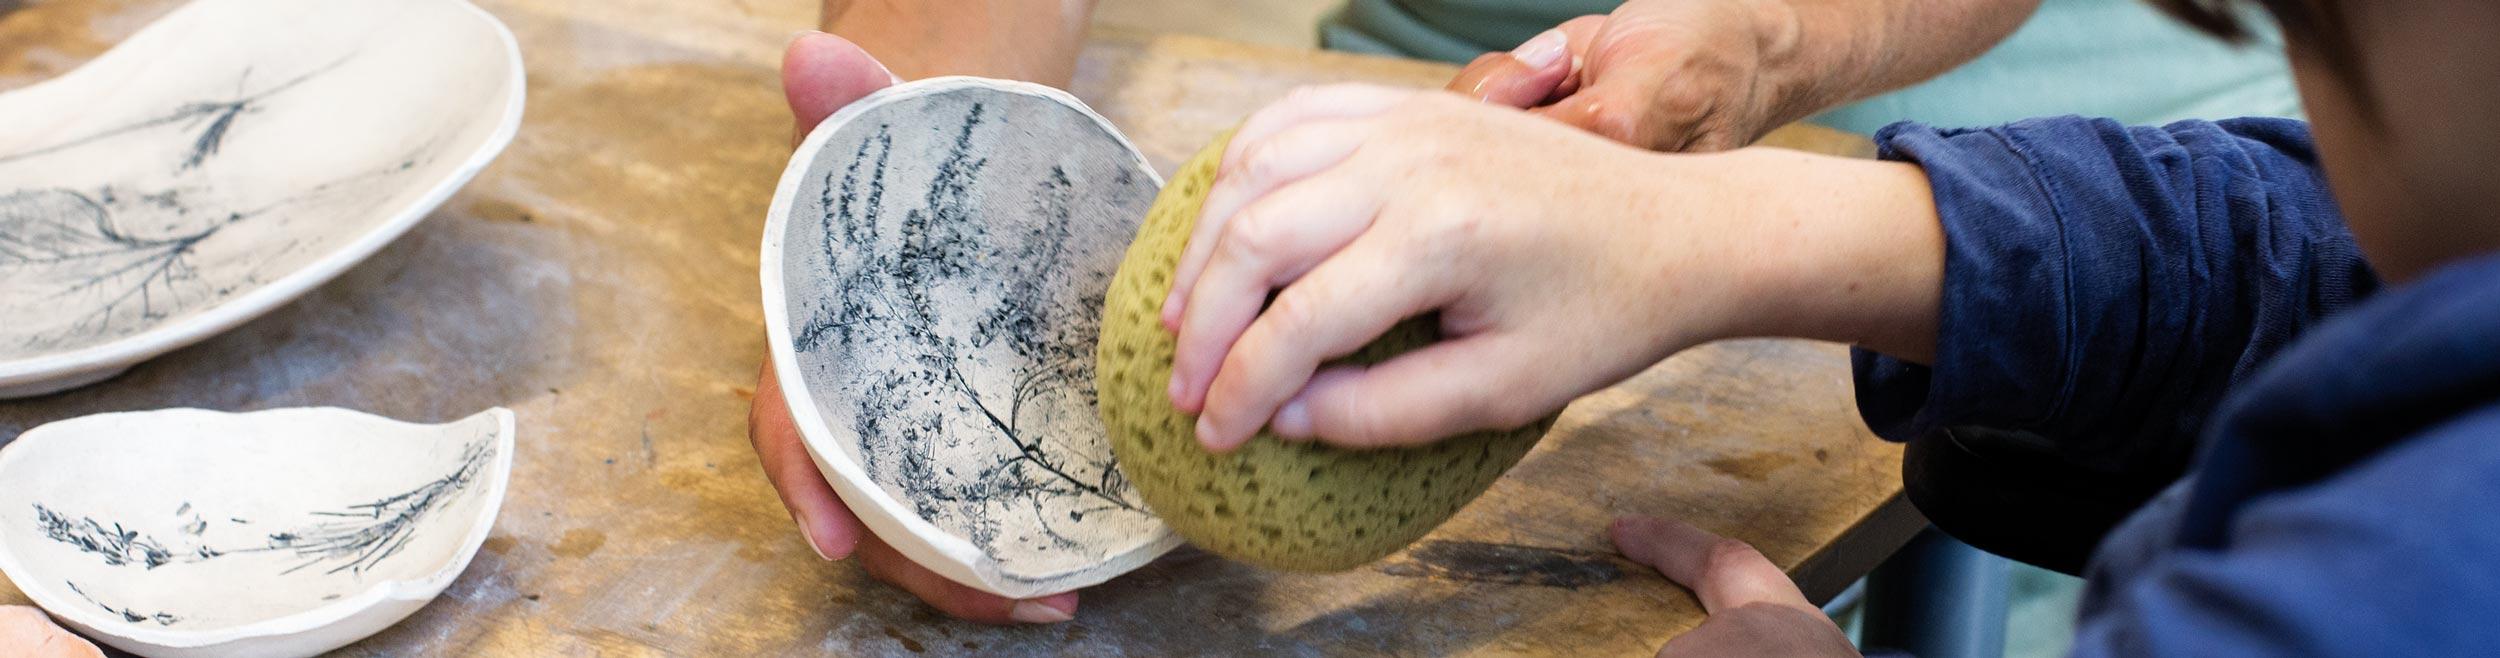 Headerbild: Hand bearbeitet mit Schwamm eine Porzellanschale